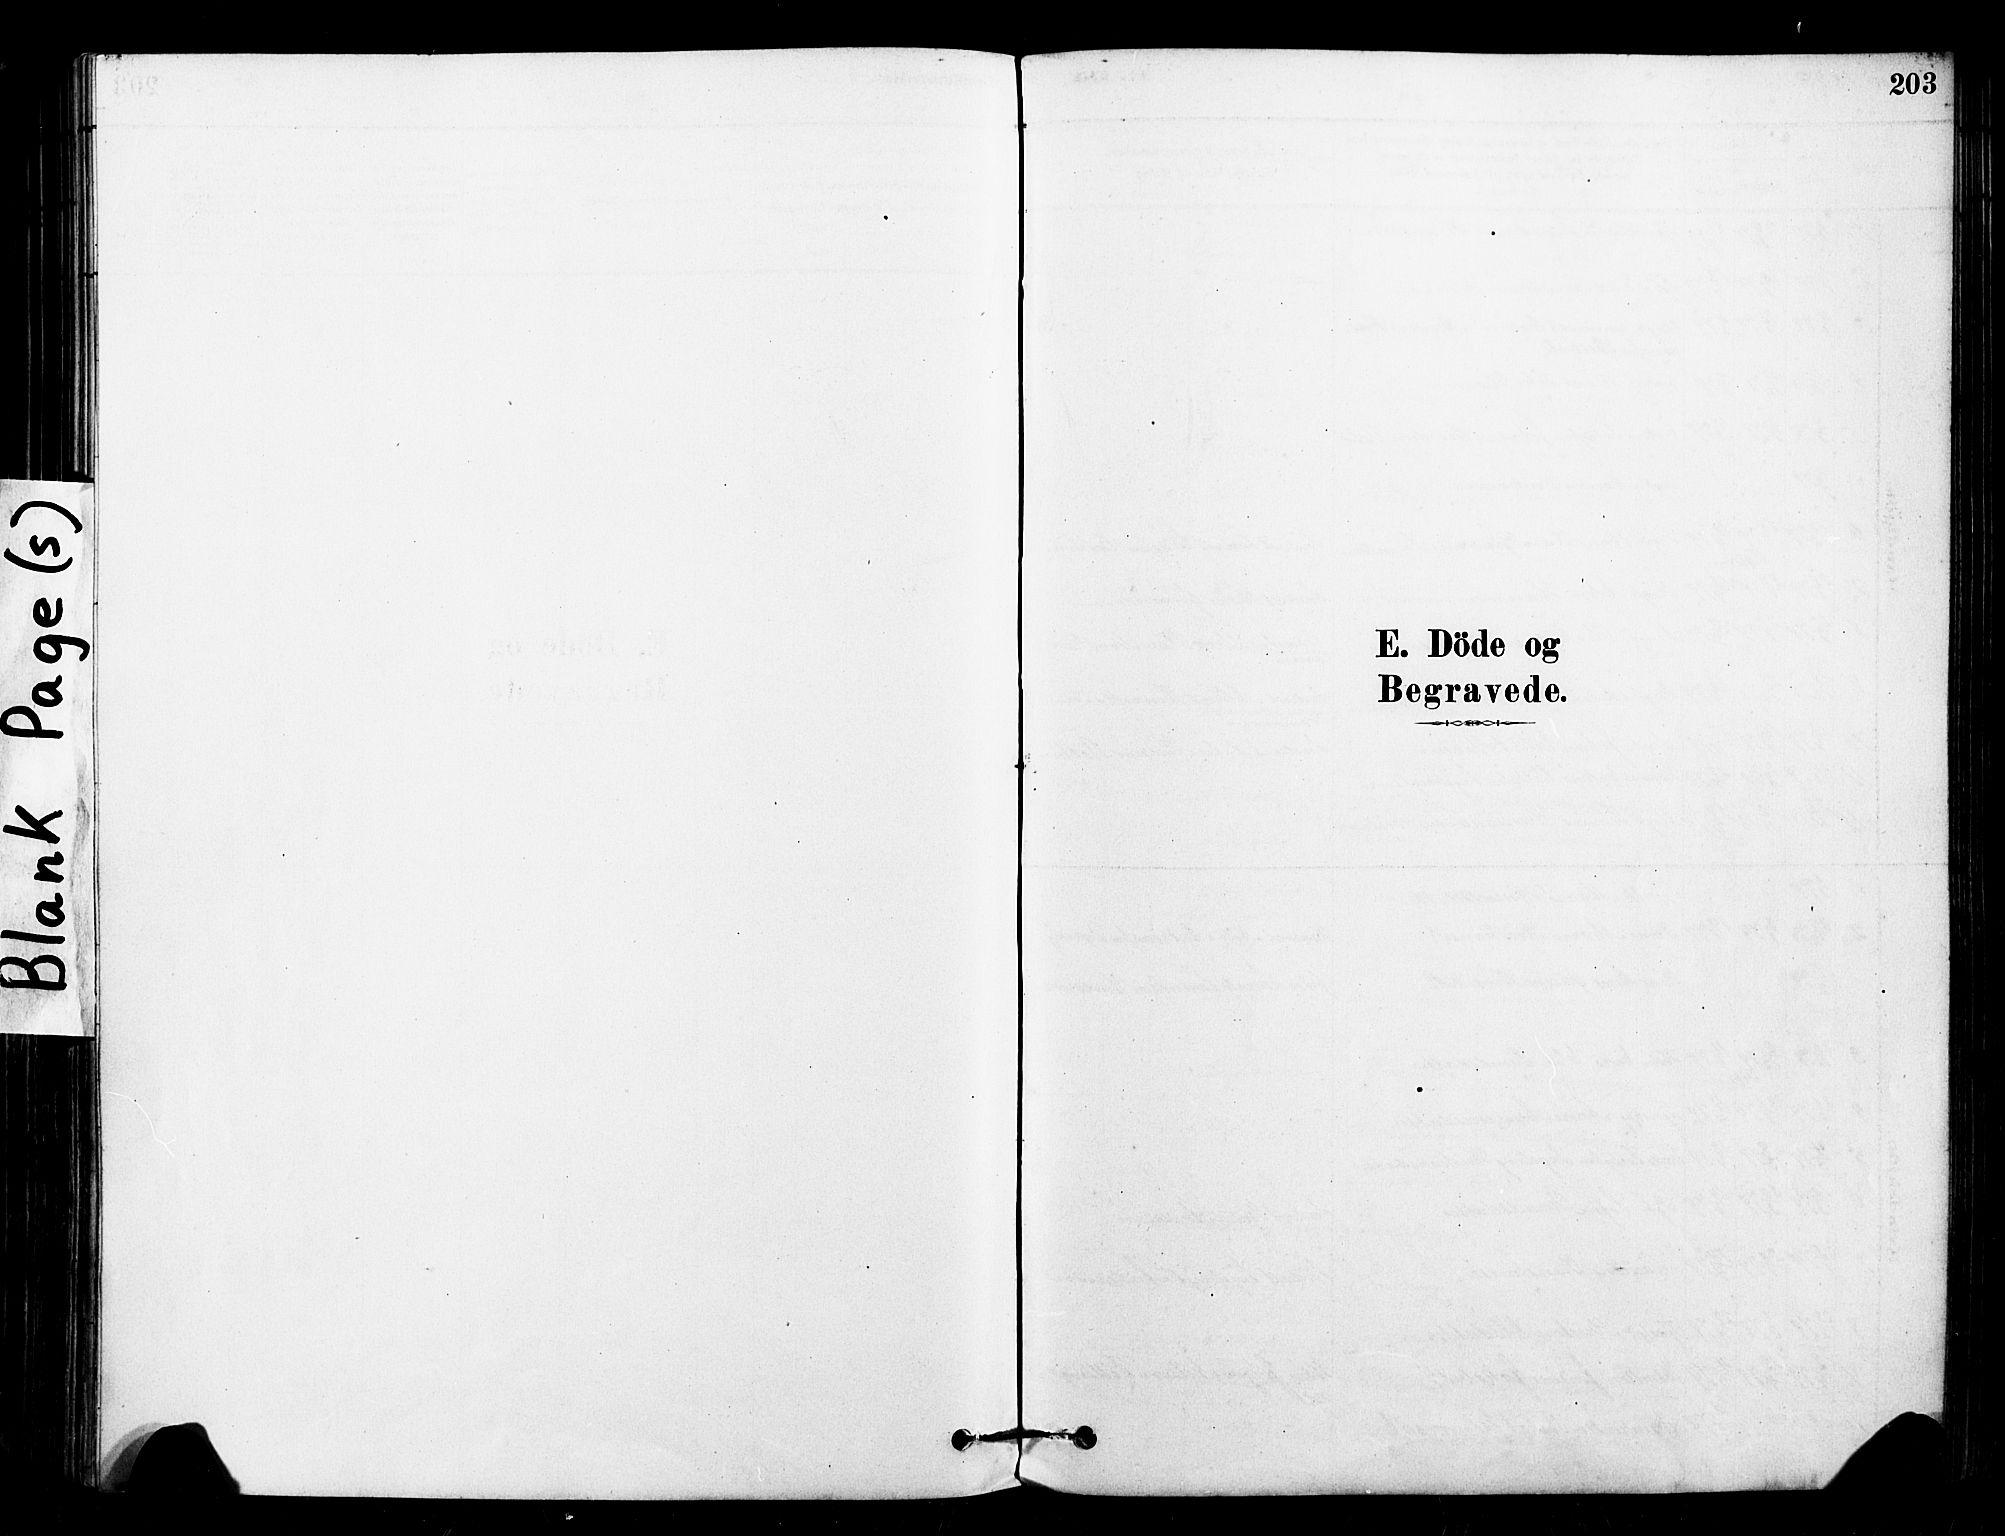 SAT, Ministerialprotokoller, klokkerbøker og fødselsregistre - Sør-Trøndelag, 640/L0578: Ministerialbok nr. 640A03, 1879-1889, s. 203